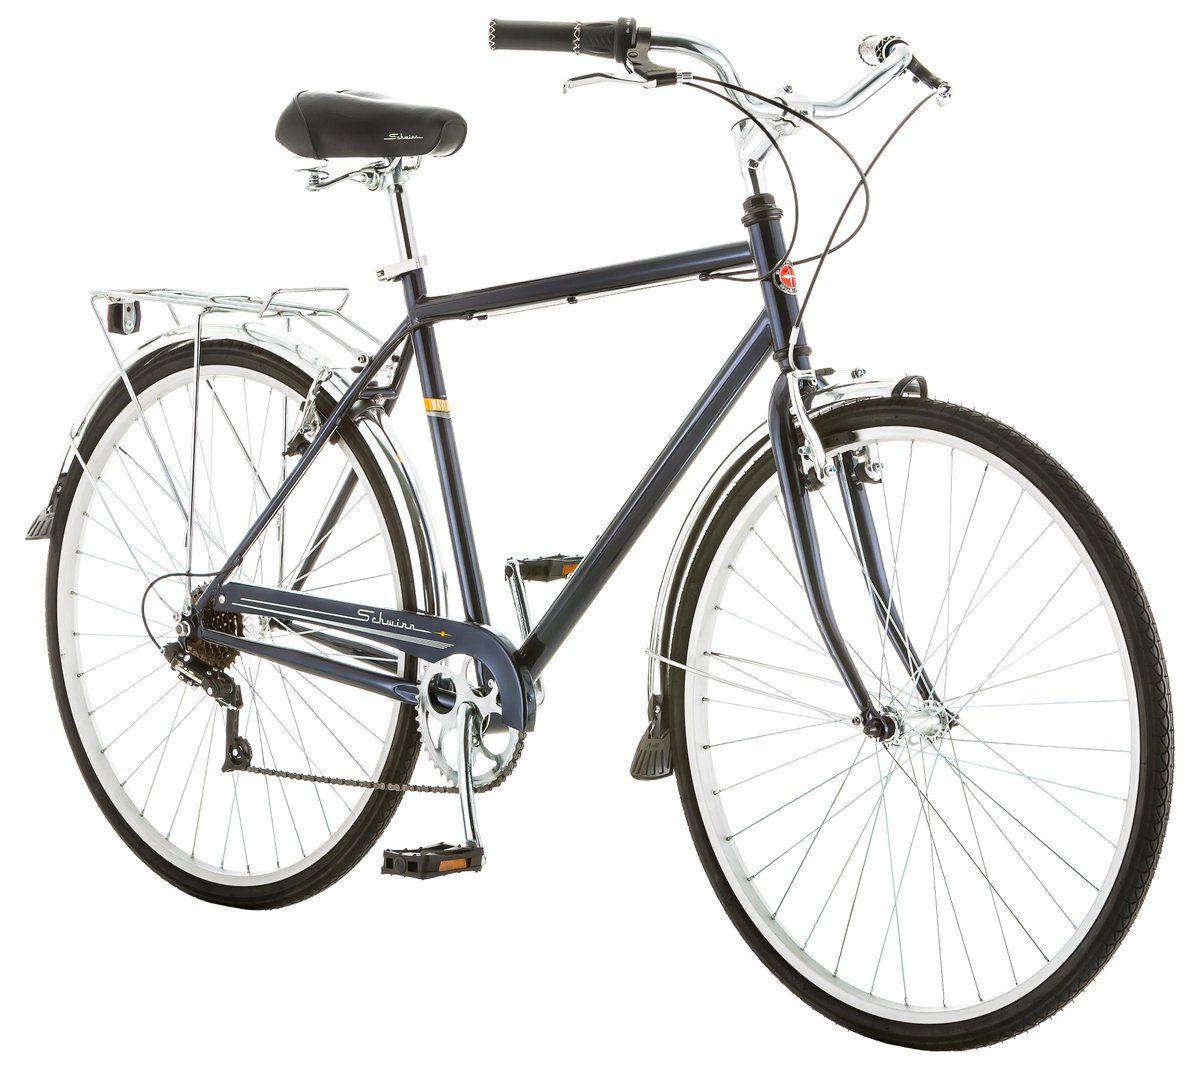 Best Hybrid Bikes Under 500 Hybrid Bike Bike Accessories